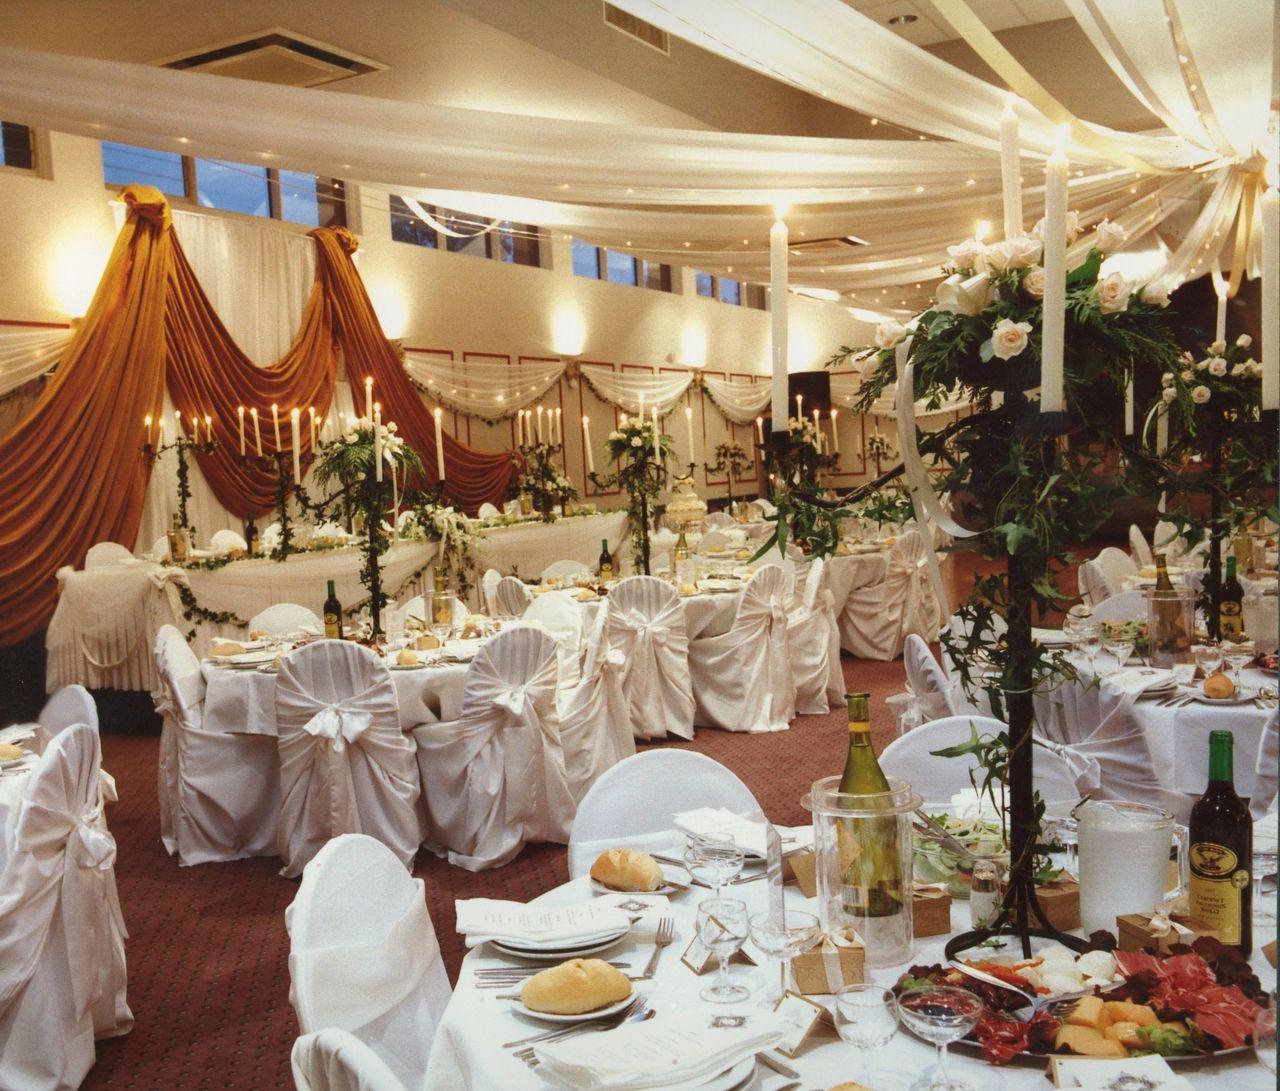 Canberra wedding decorator canberra wedding hire table decorations table decorations junglespirit Choice Image